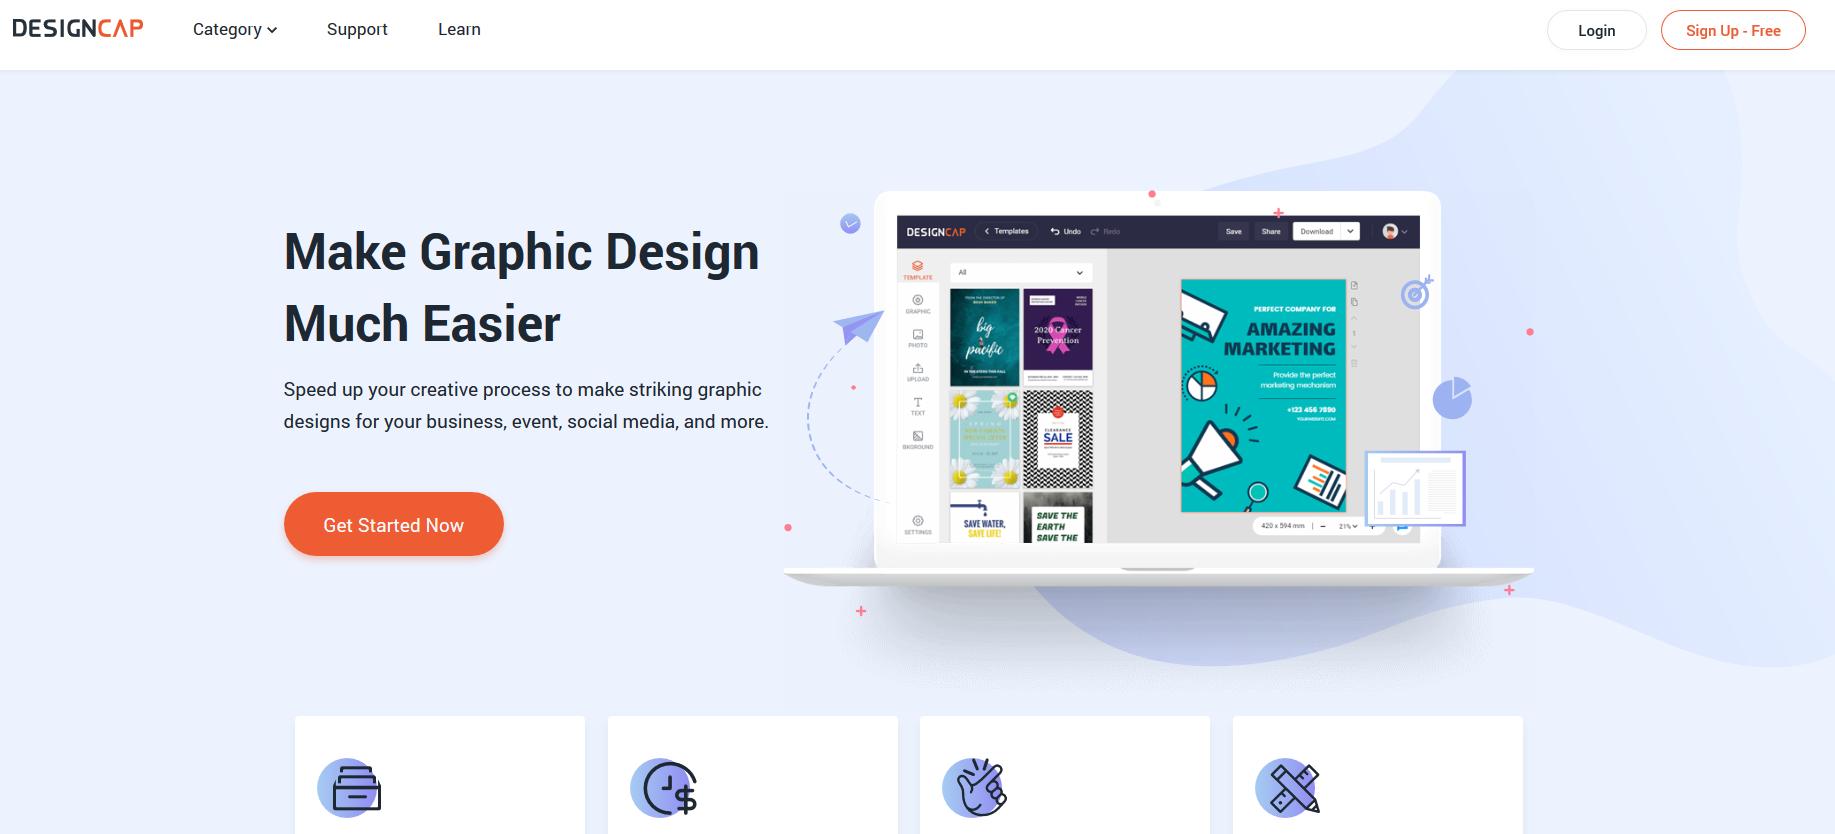 DesignCap Review - Design Awesome Graphics For Social Media